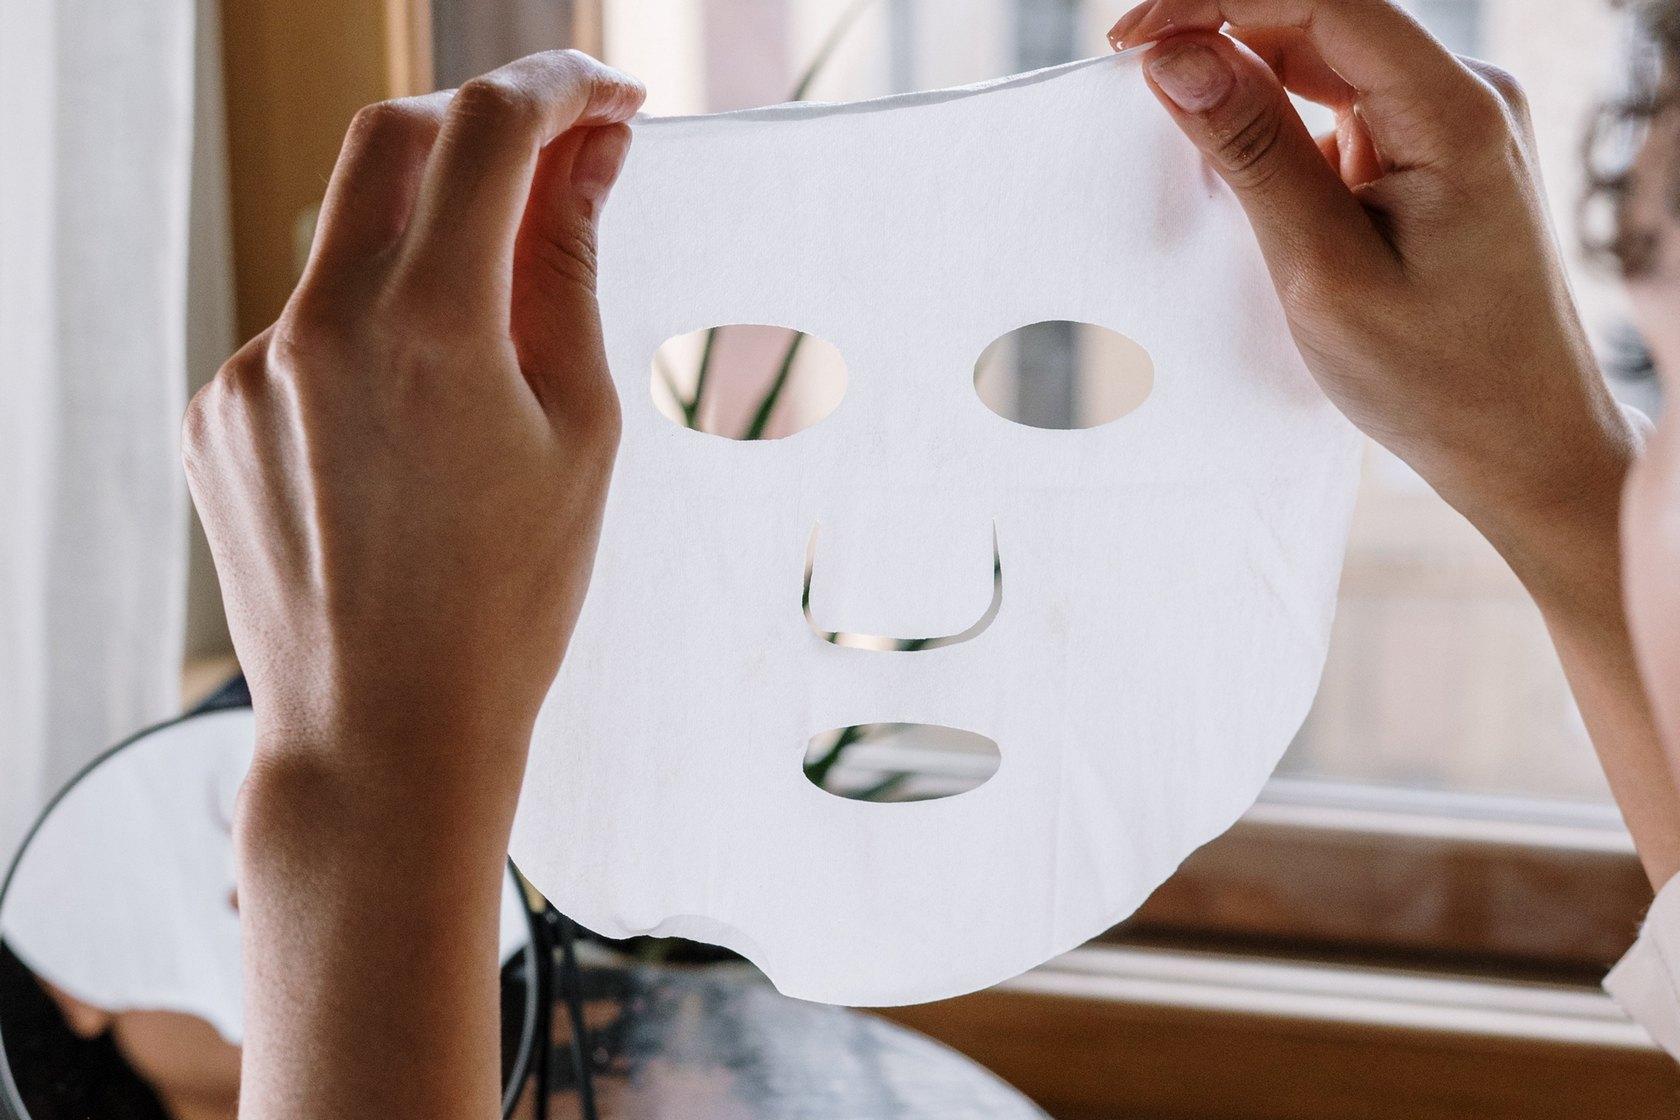 彩妝教學課程問答 皮膚保養的正確觀念 告別粗糙肌膚